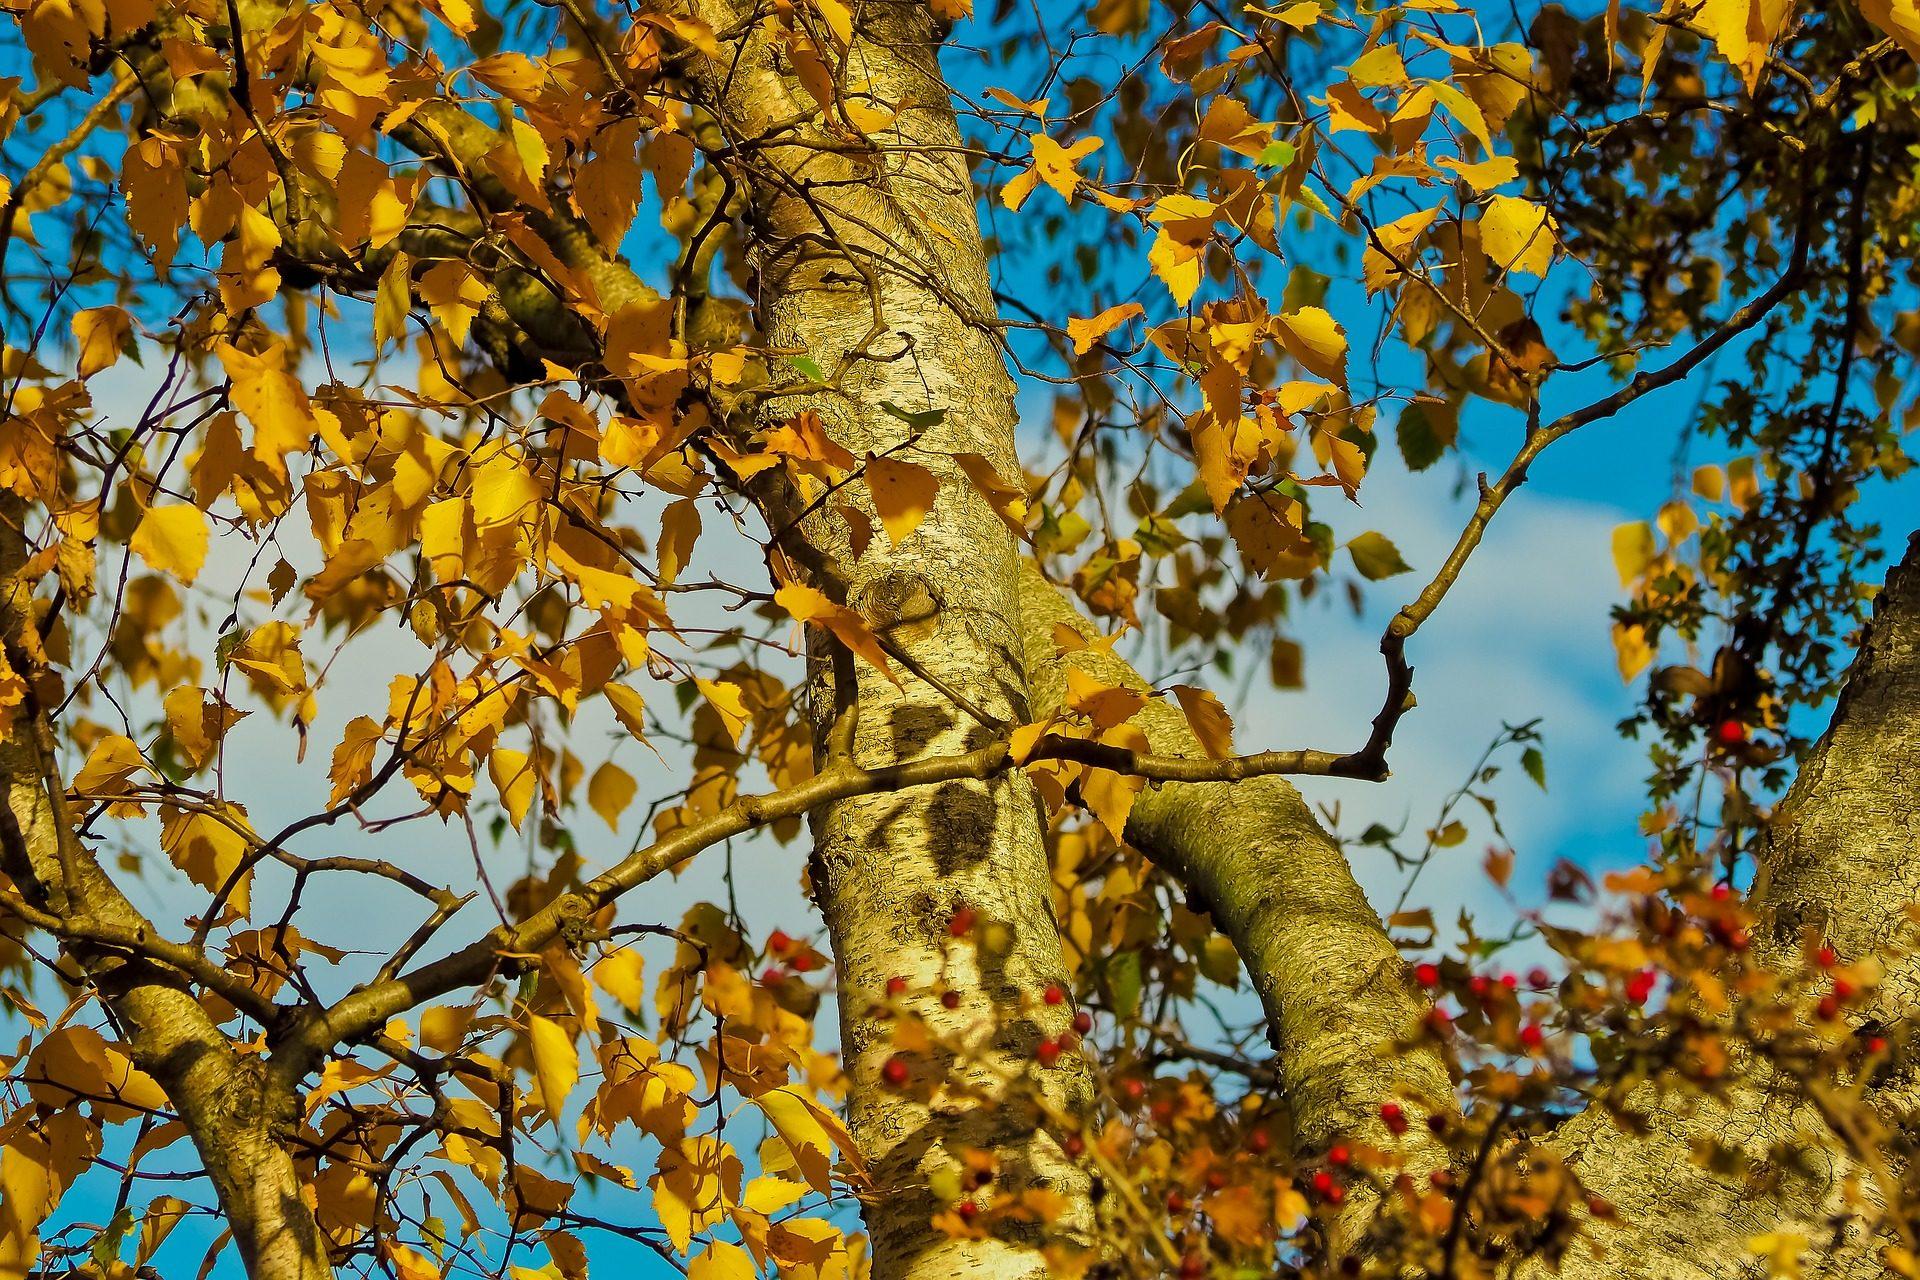 δέντρο, υποκαταστήματα, φύλλα, ξηρά, φθινόπωρο, ξεπερασμένη - Wallpapers HD - Professor-falken.com